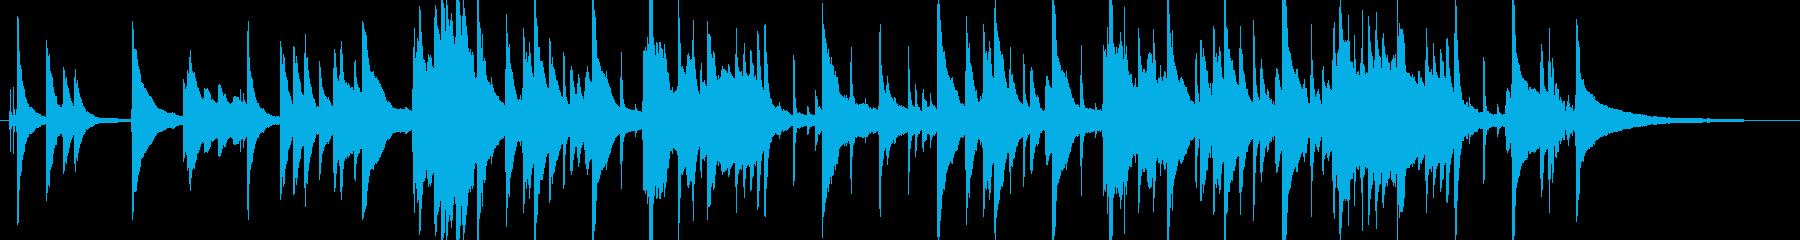 ピアノまったりBGMの再生済みの波形